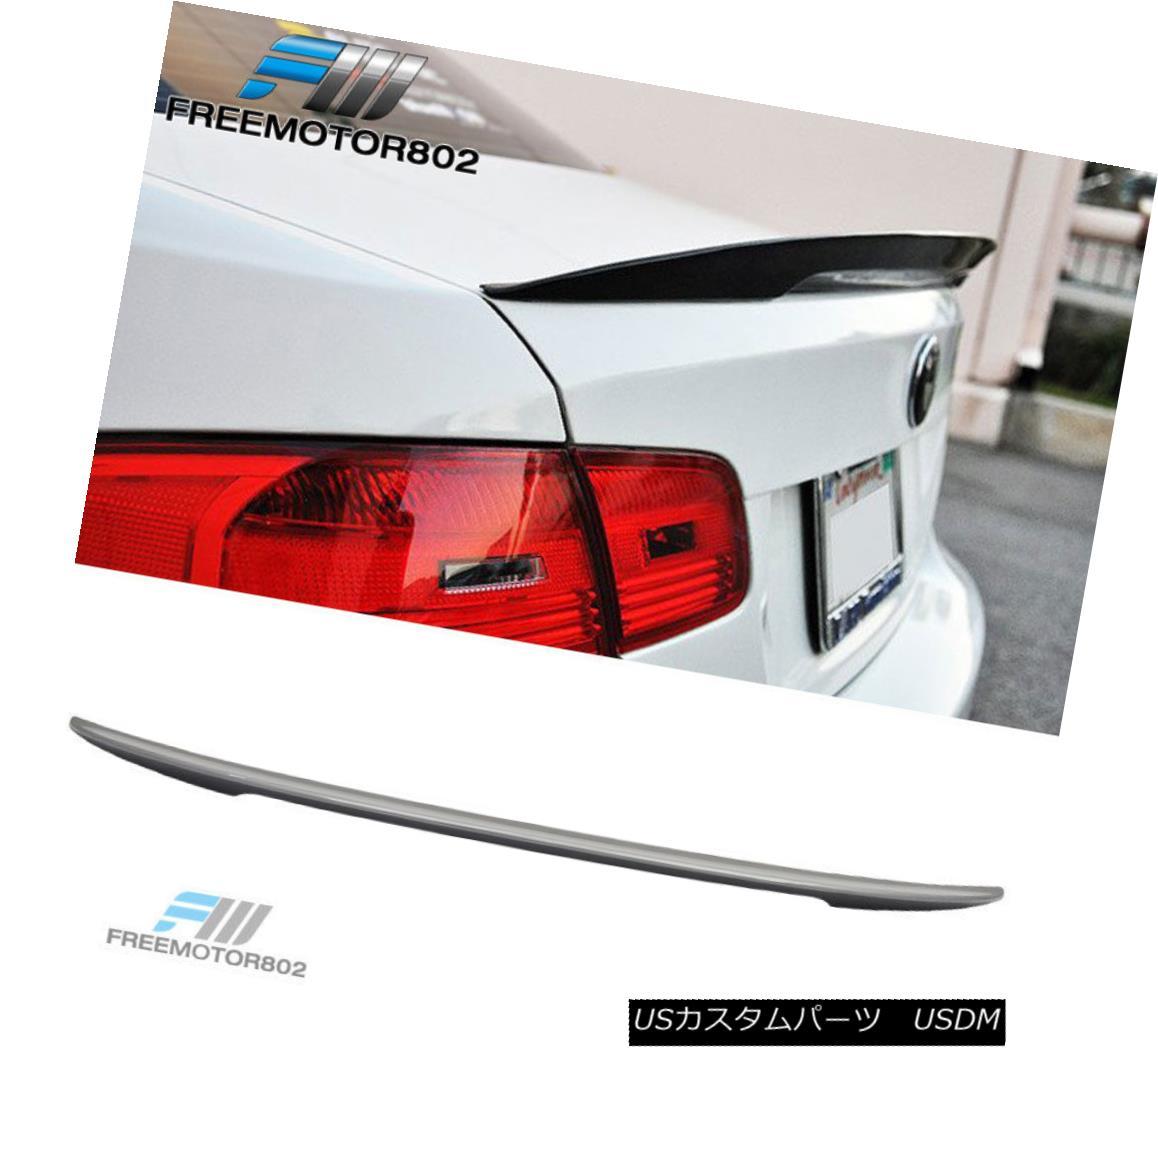 エアロパーツ Fit For 07-13 BMW E92 Coupe 3-Series Rear Trunk Spoiler Painted #A52 Space Gray 07-13 BMW E92クーペ3シリーズリアトランク・スポイラー#A52スペース・グレー